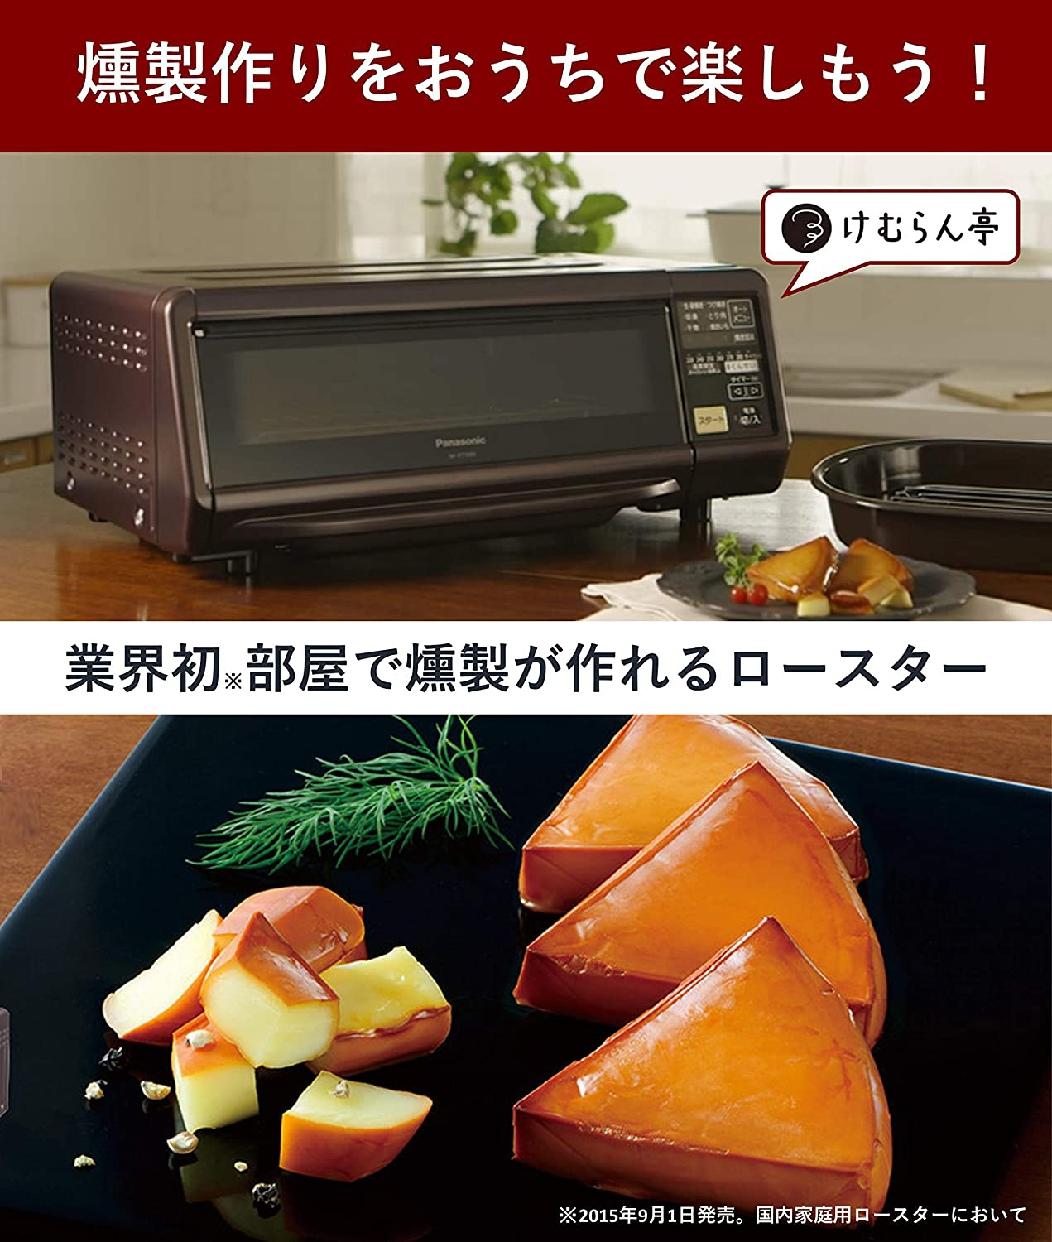 Panasonic(パナソニック) スモーク&ロースター NF-RT1000の商品画像2